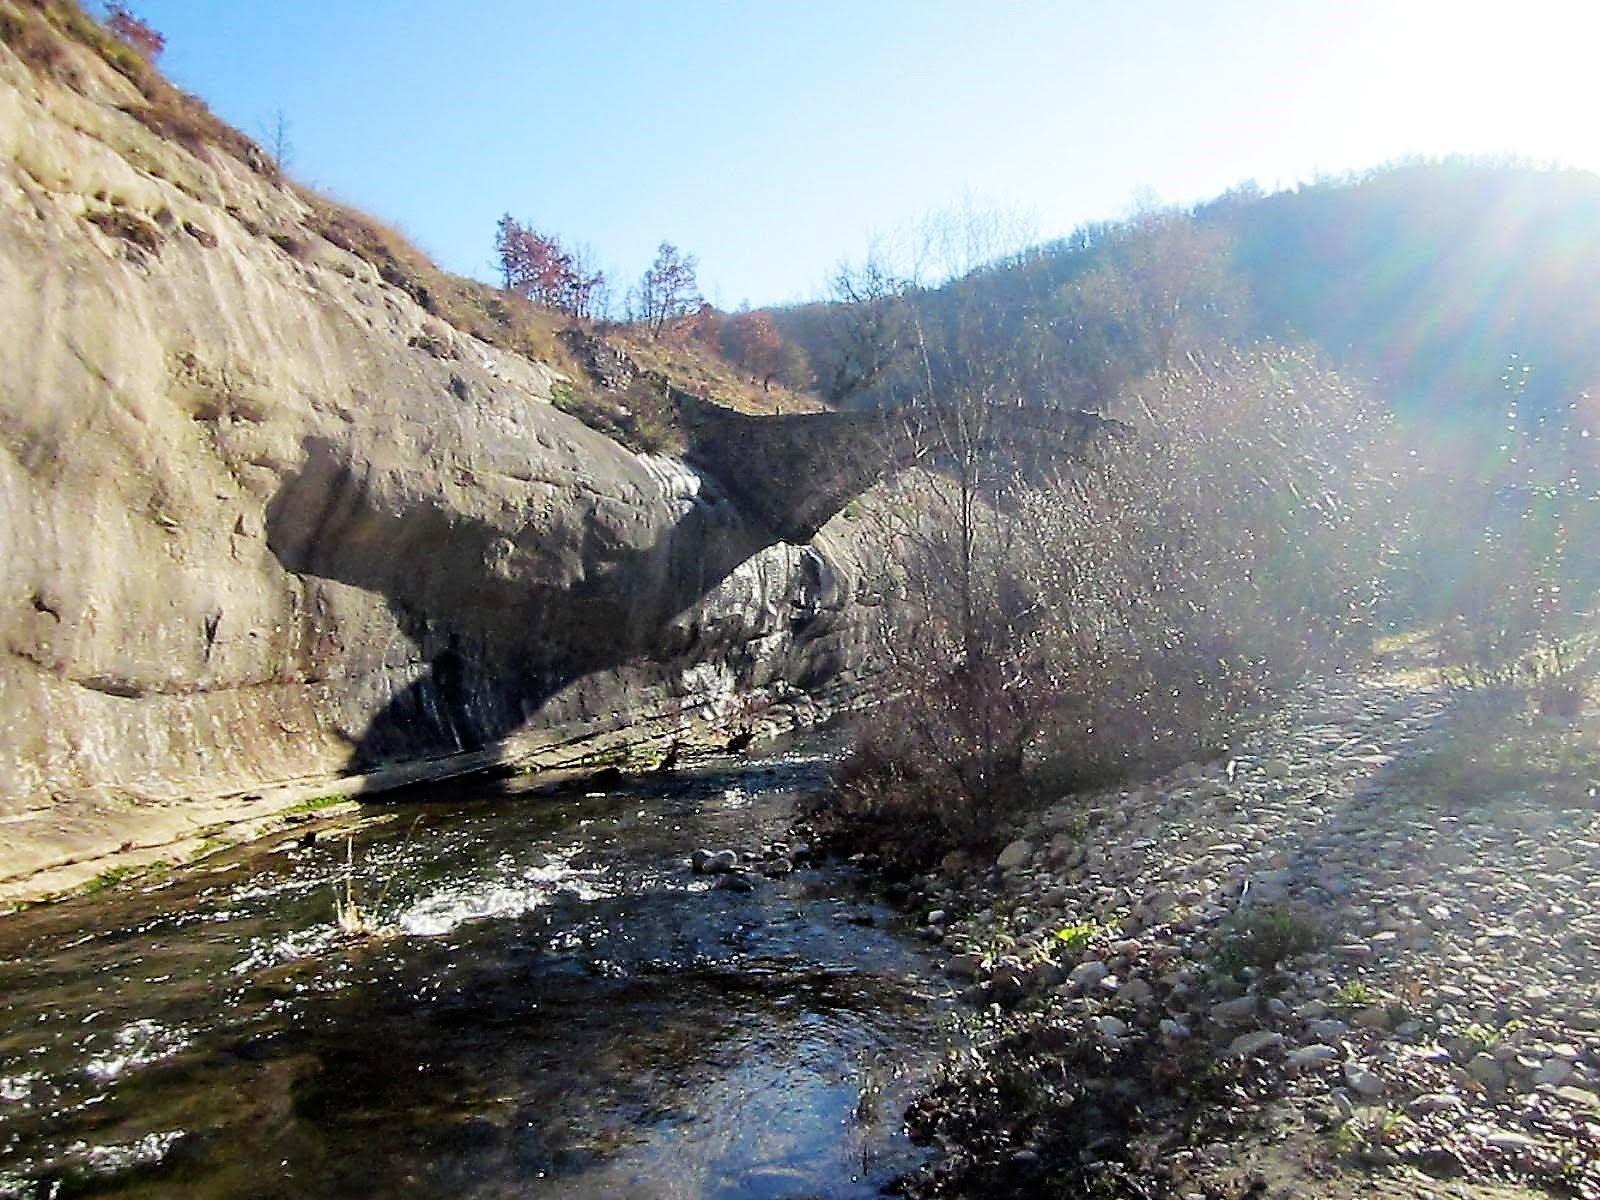 Κομψότητα, ή το γεφύρι της Σβόλιανης